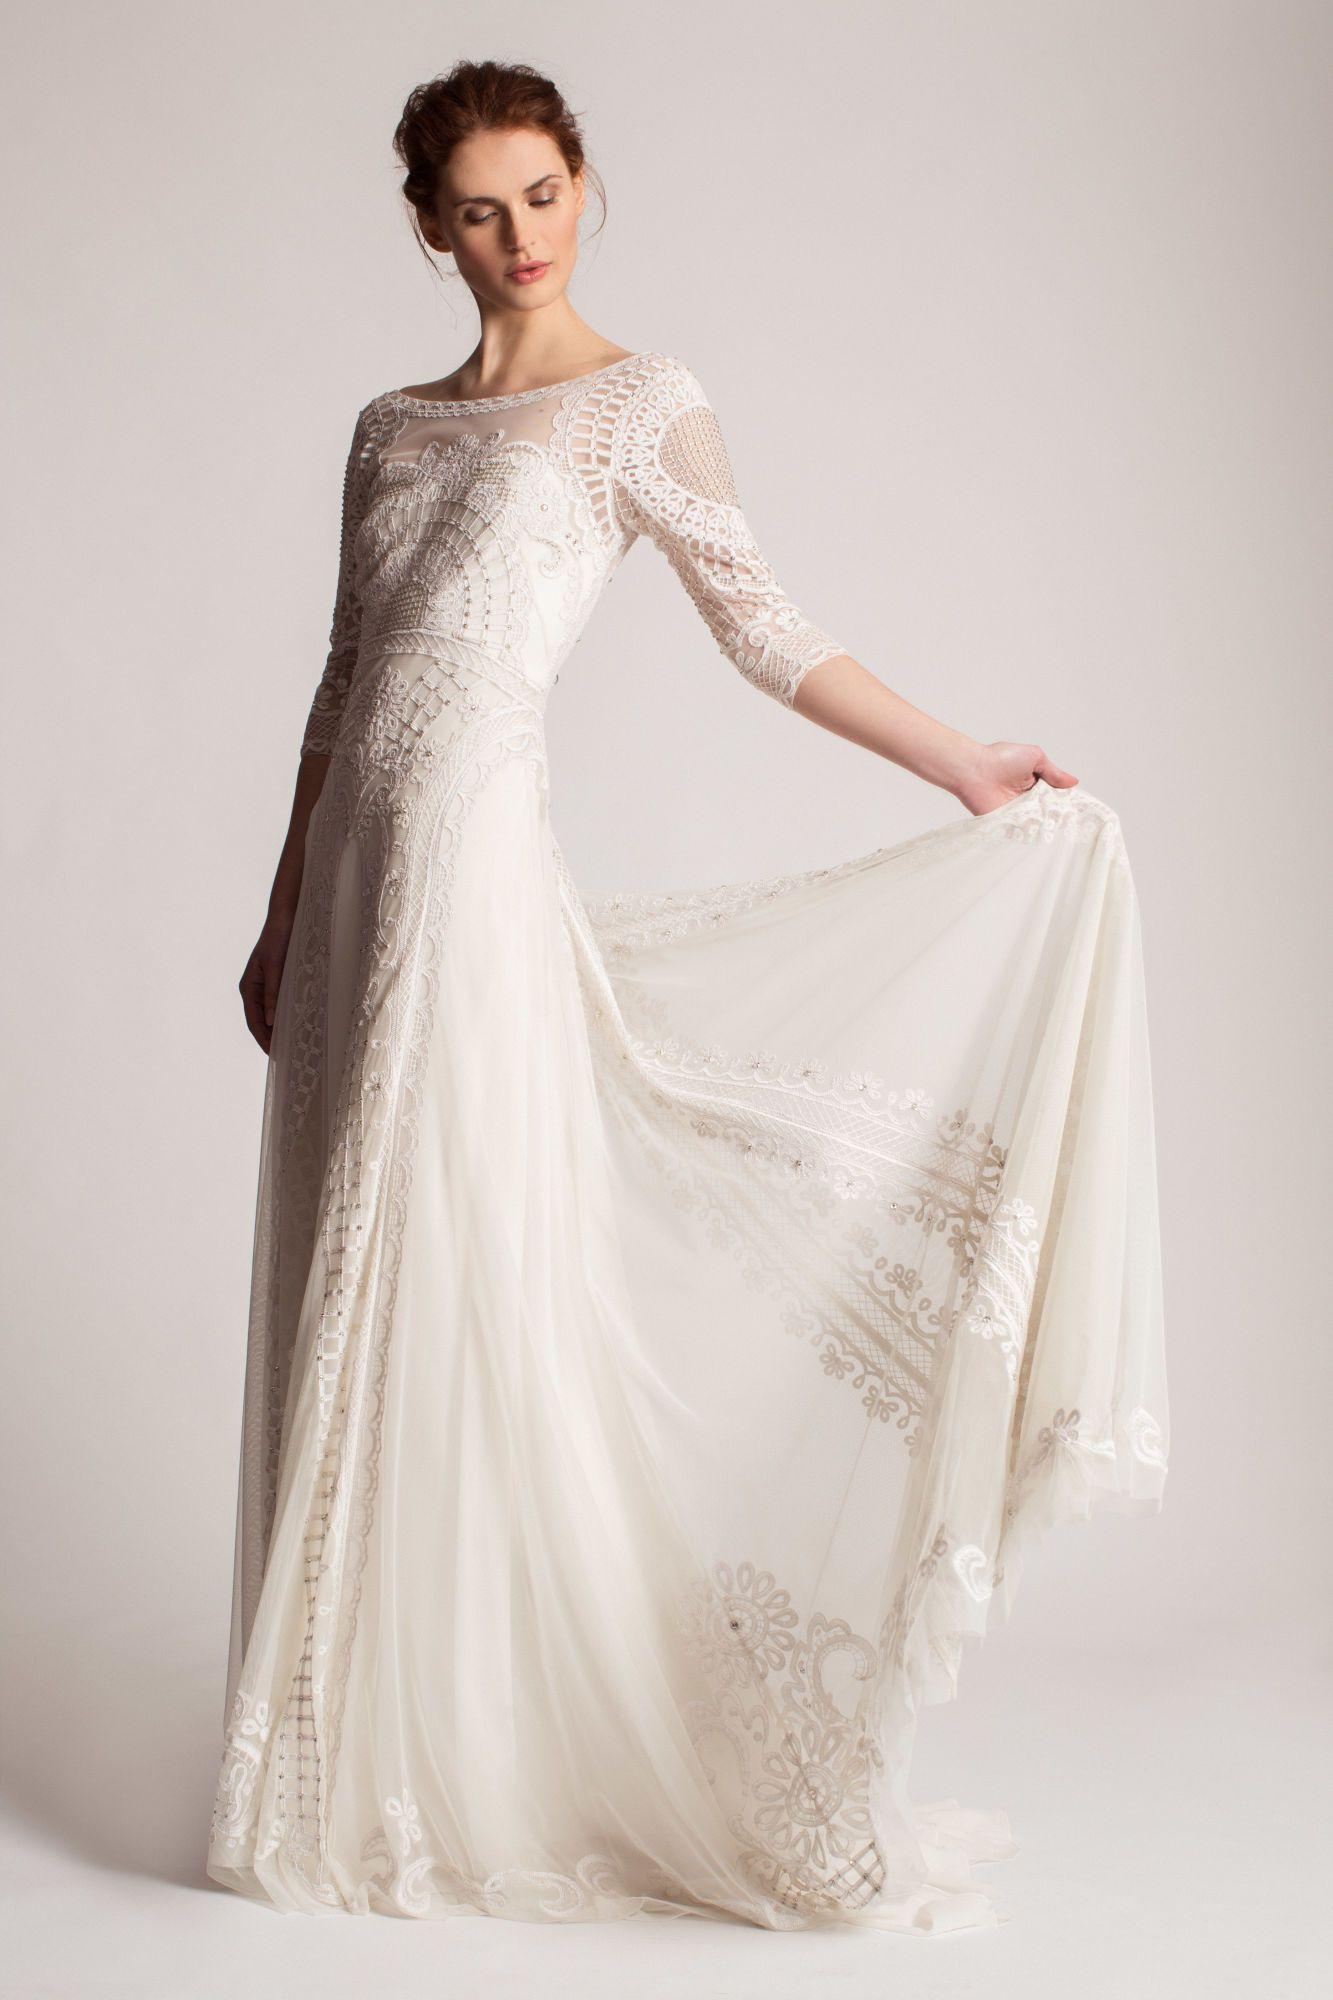 The 10 Biggest Bridal Trends for Spring 2016 | Kleider